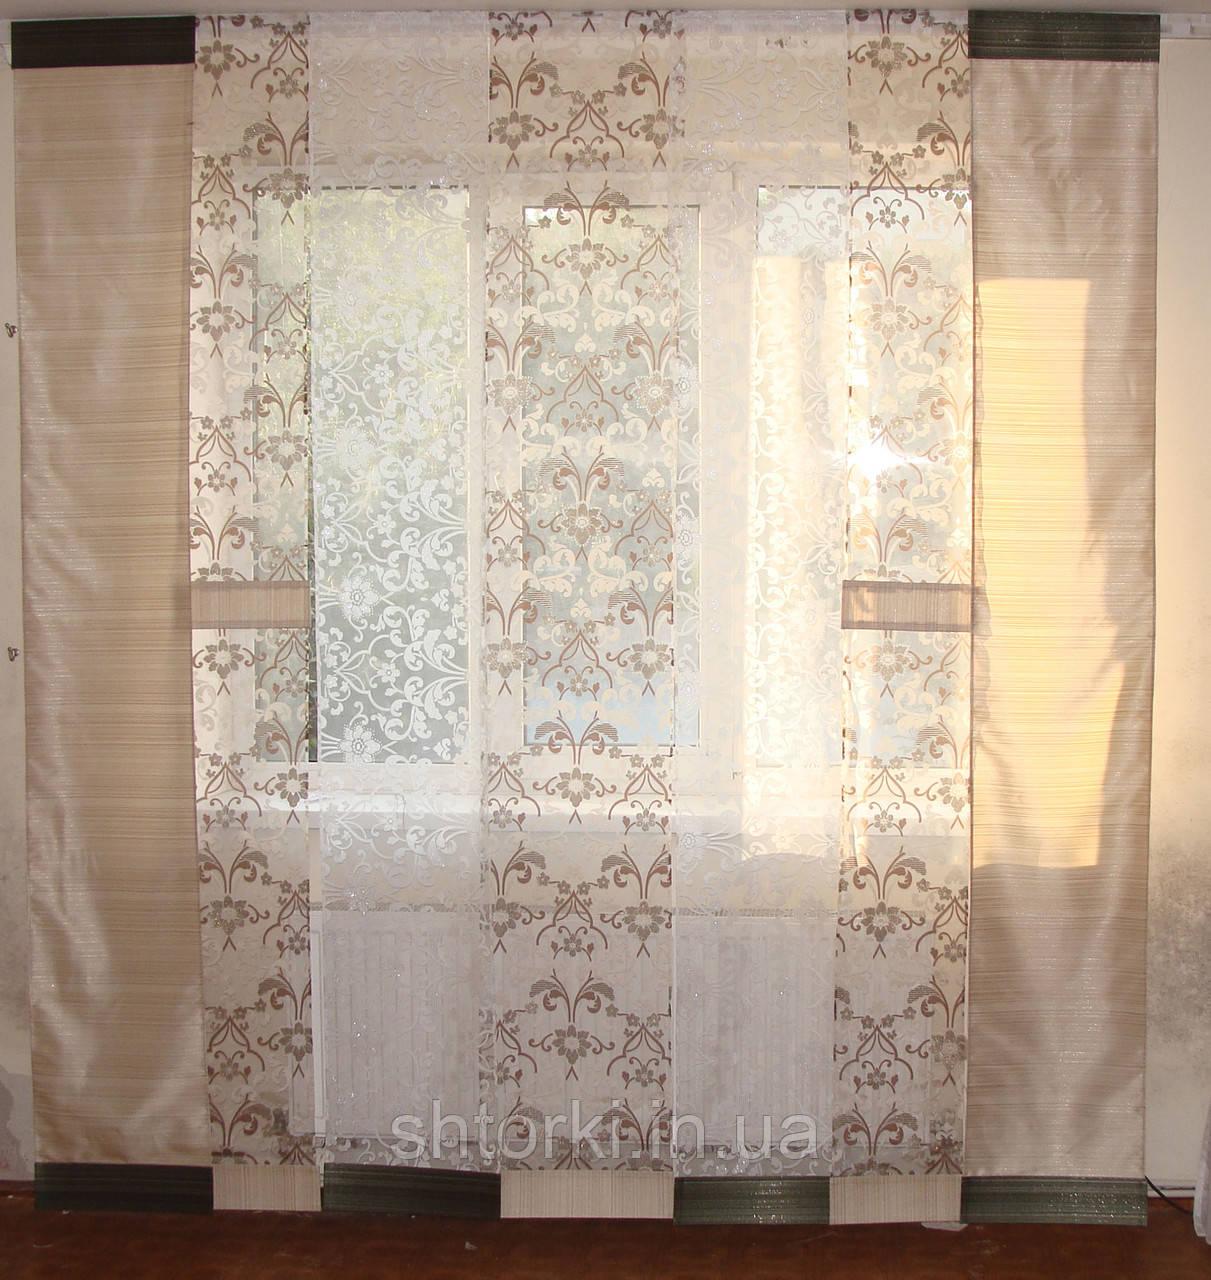 Комплект панельных шторок оливковые, 2-2,5м